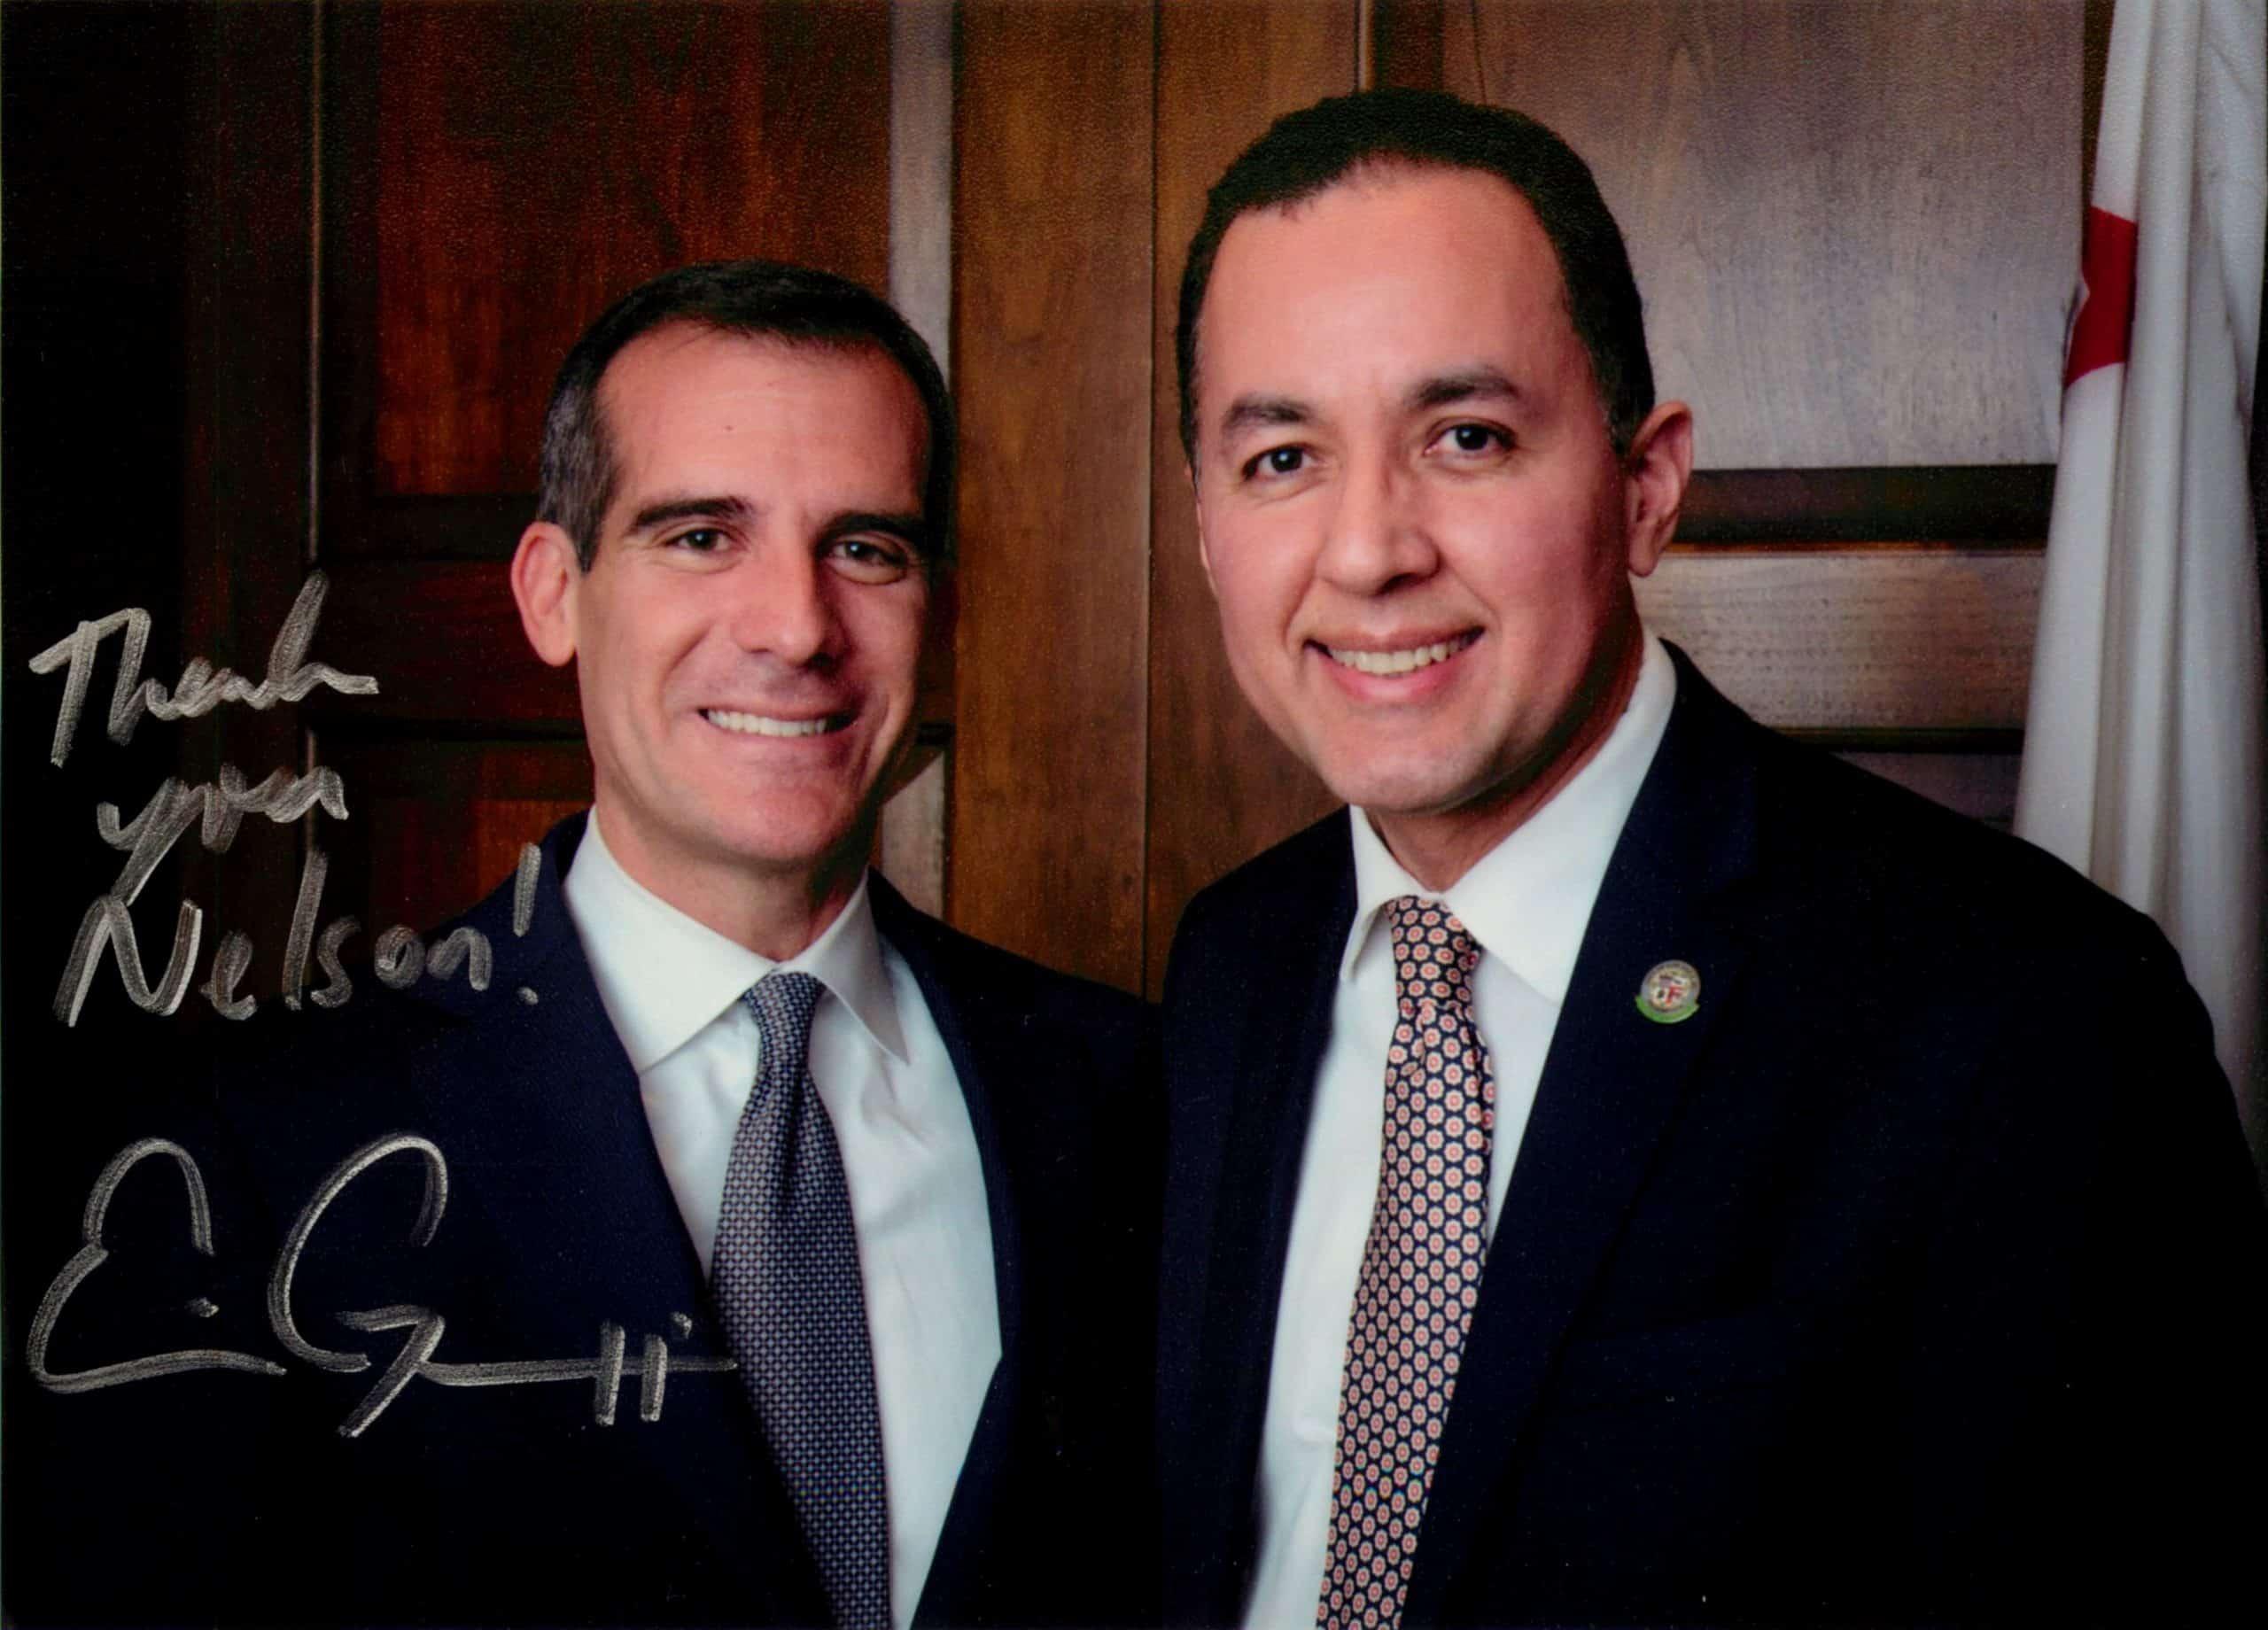 Abogado de Inmigracio%CC%81n Nelson A Castillo y el Alcalde de la Ciudad de Los A%CC%81ngeles Eric Garcetti scaled